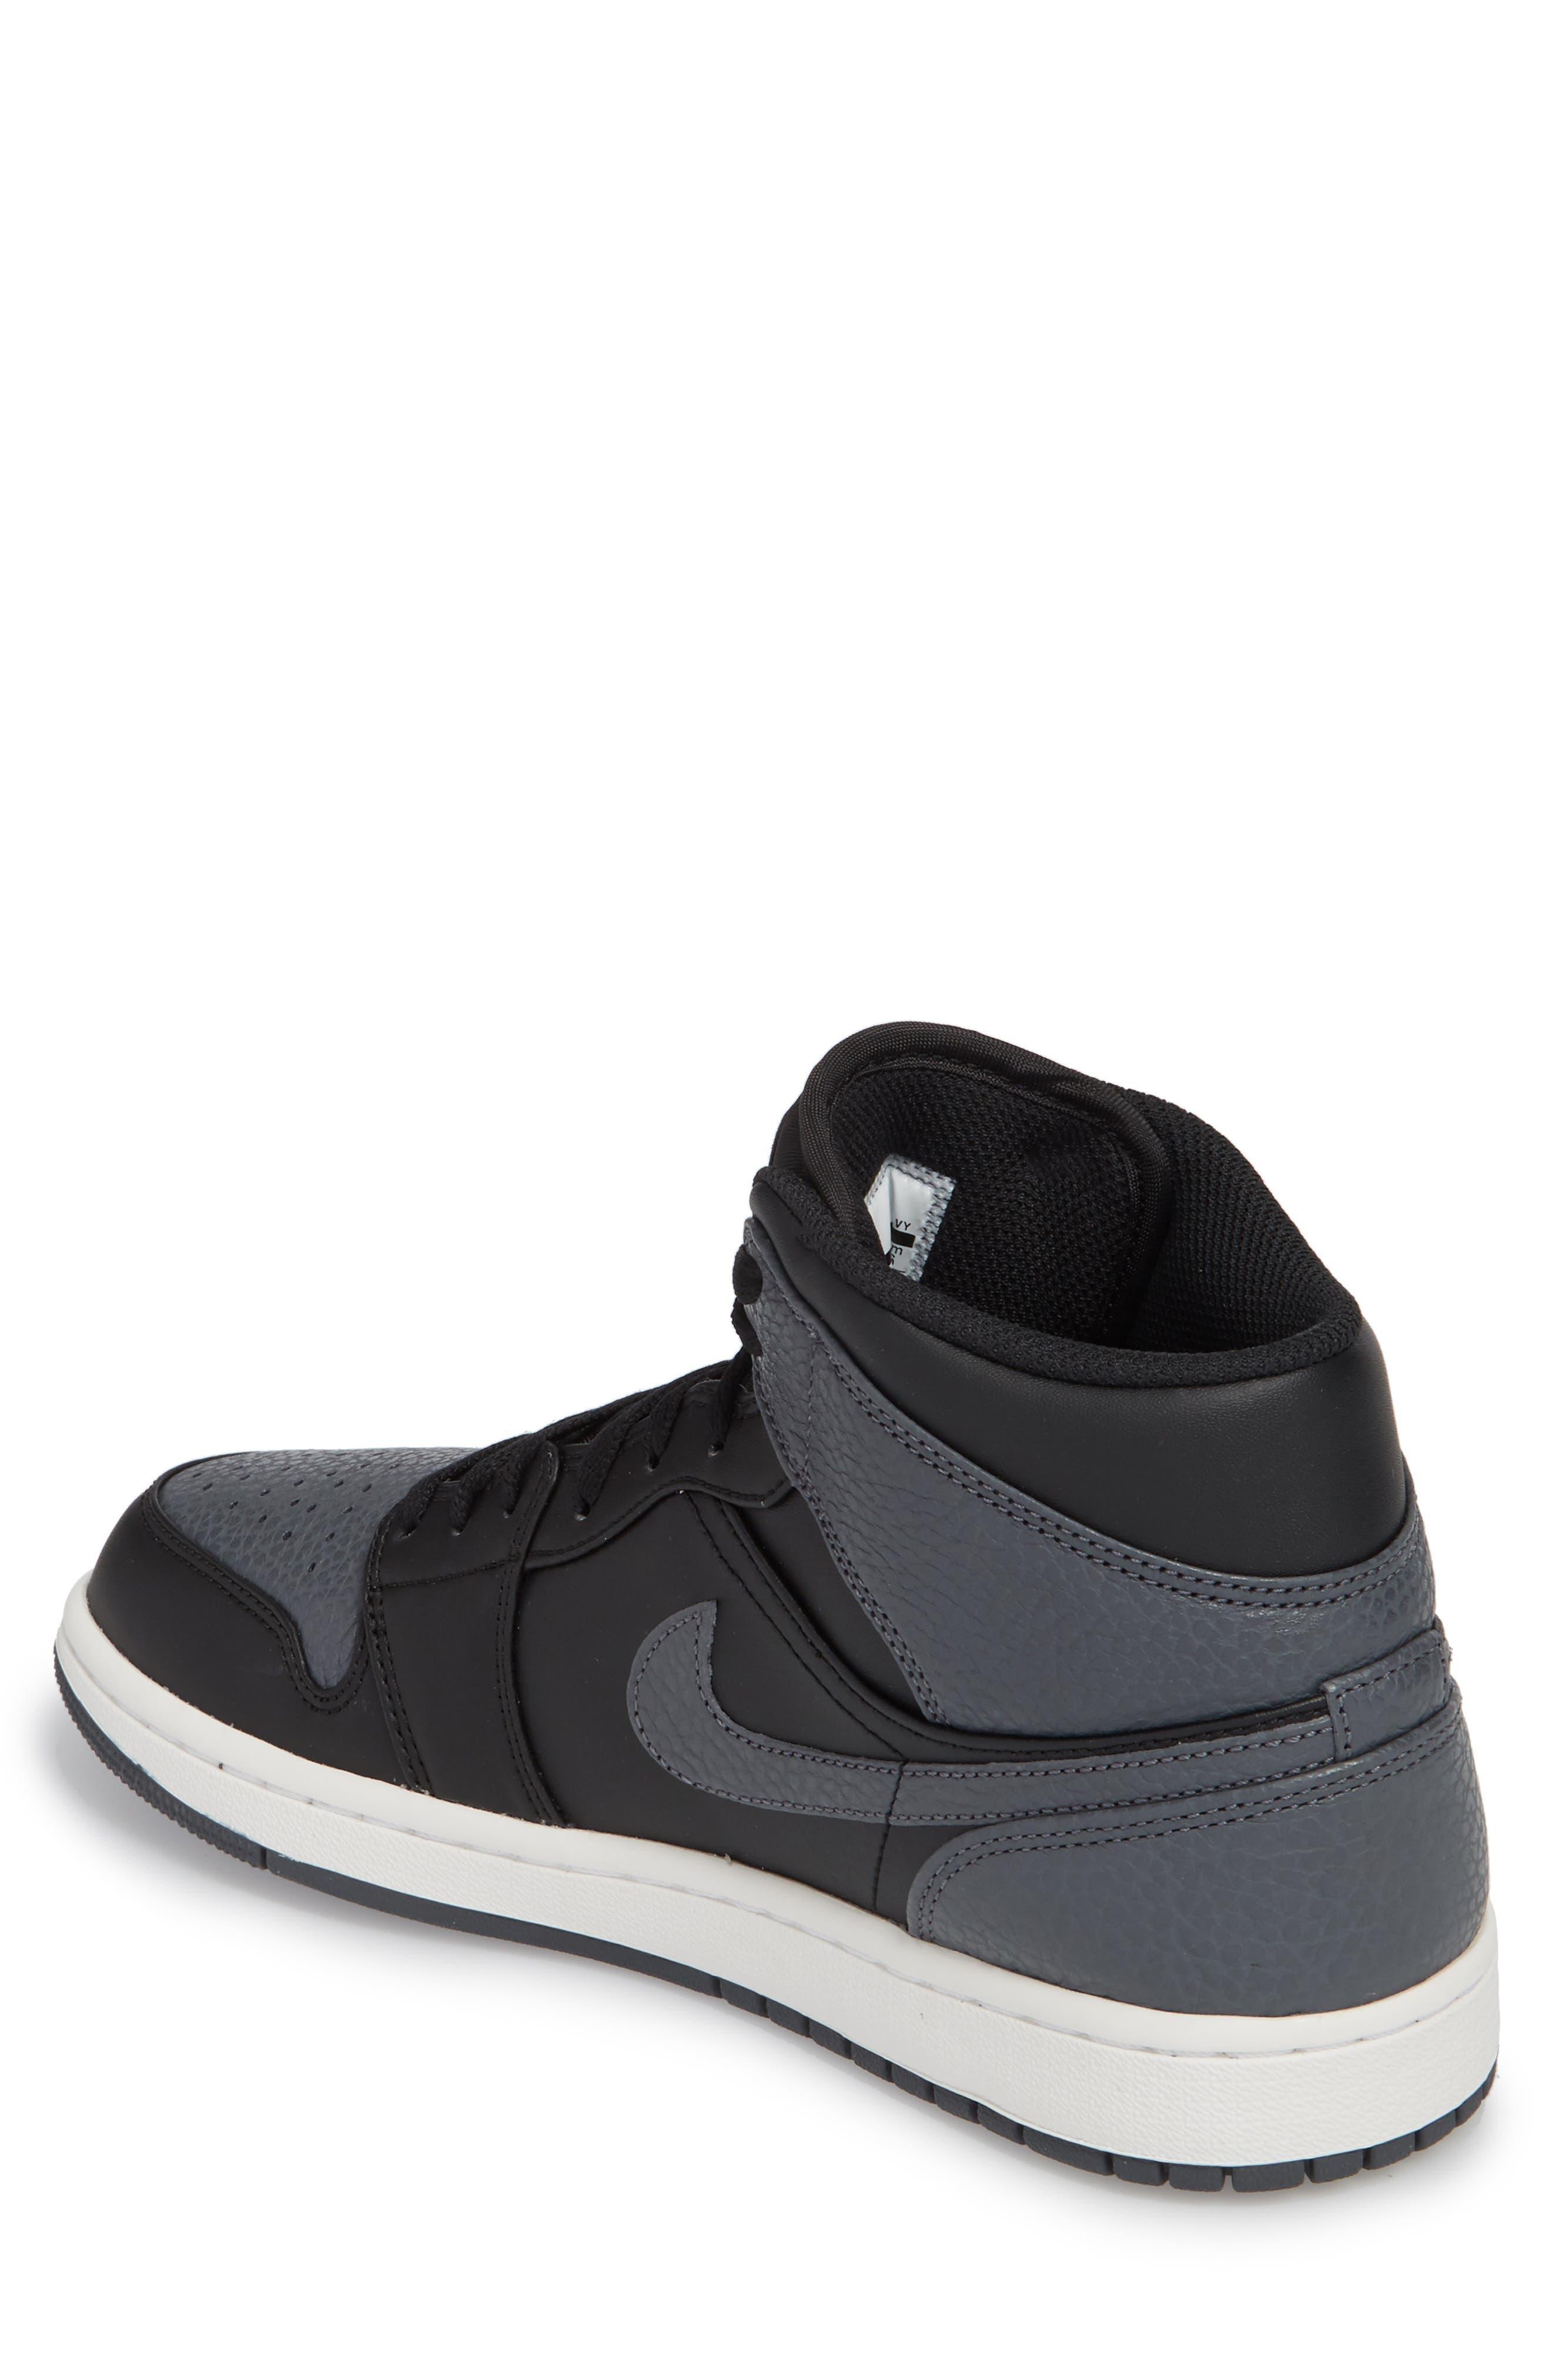 NIKE, 'Air Jordan 1 Mid' Sneaker, Alternate thumbnail 2, color, 001